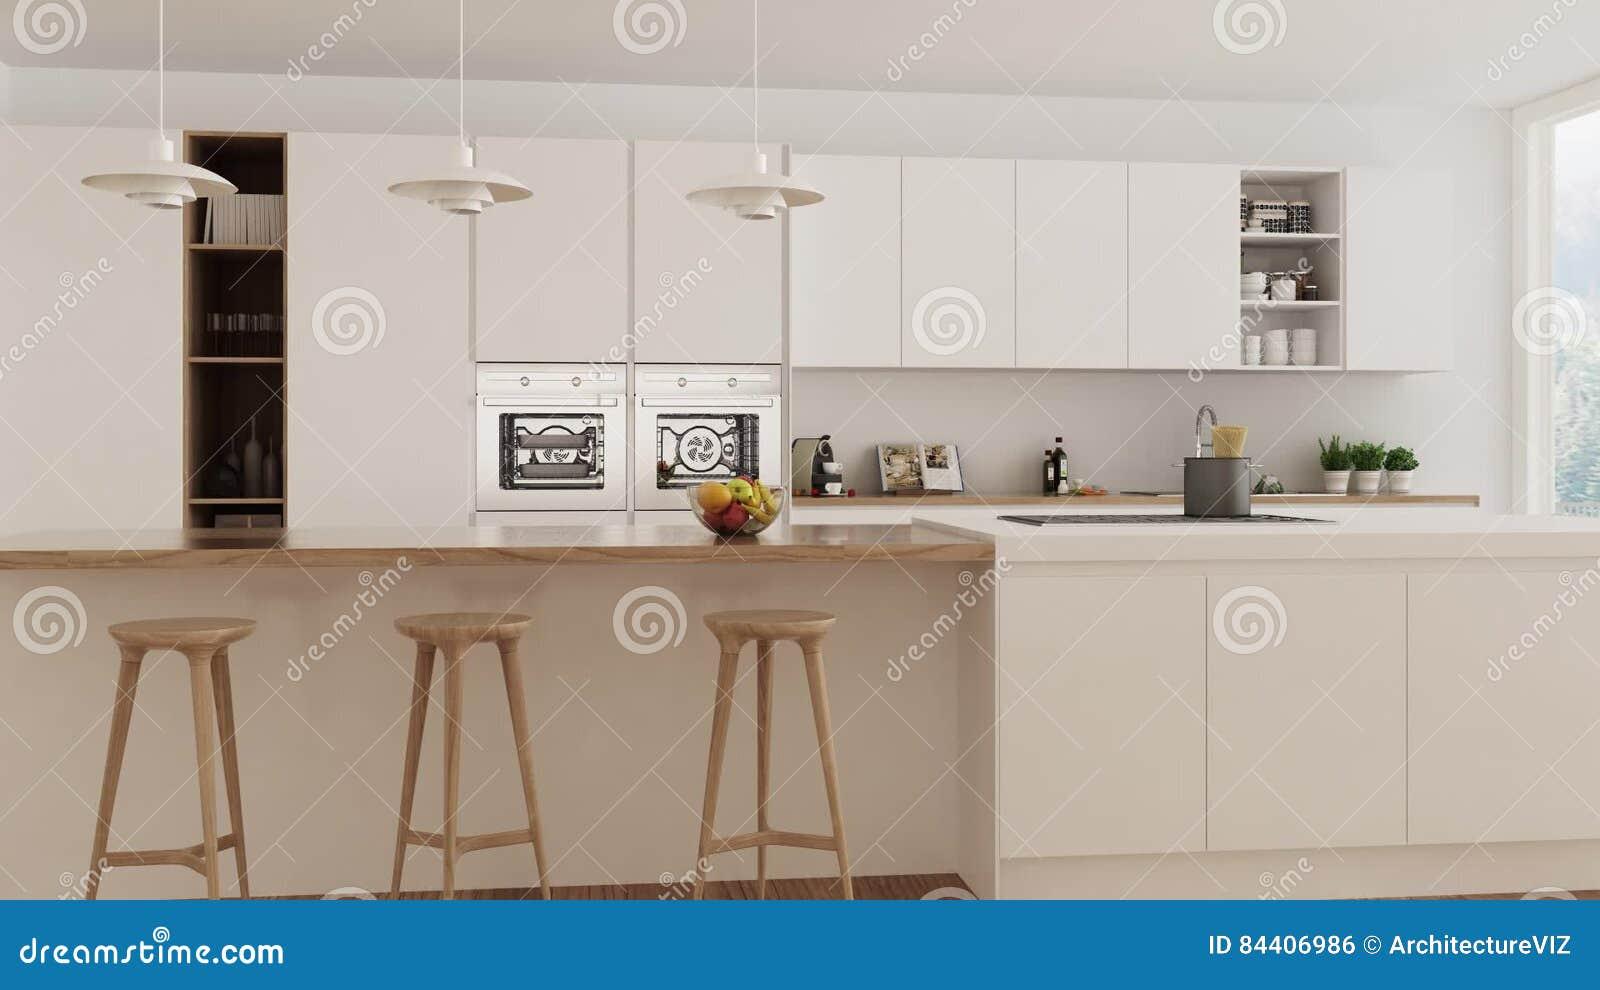 Keuken Interieur Scandinavisch : Skandinavische witte keuken binnenlandse gang door regelmatige